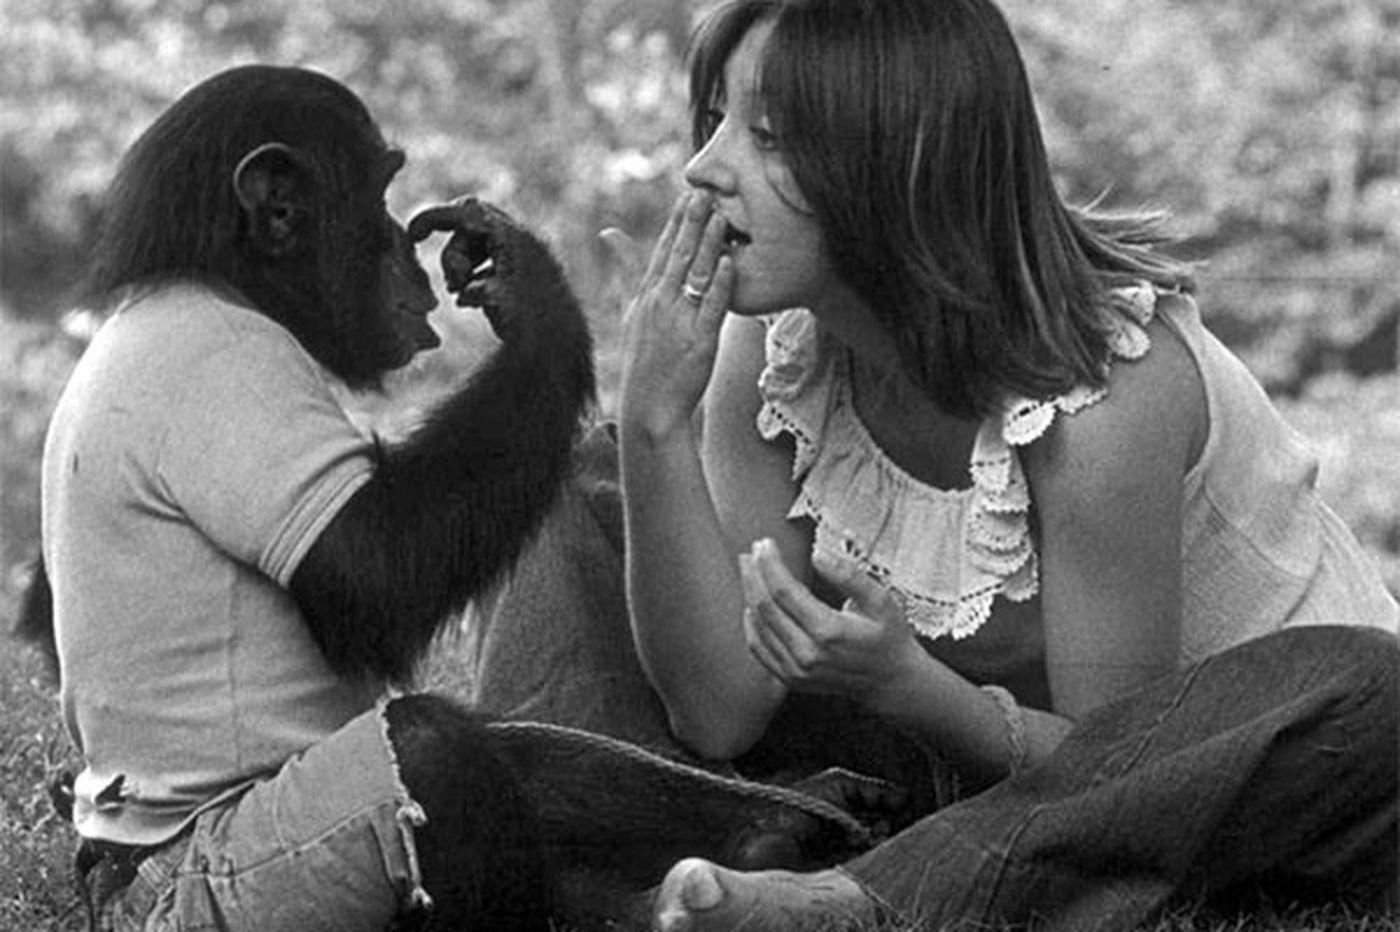 Чем закончились попытки ученых научить приматов разговаривать обезьян, научить, Сарой, Премака, обезьяны, случае, нужно, ученые, выучить, ученый, писал, время, эксперимента, процессе, добиться, удалось, набора, помощи, совершенно, языка